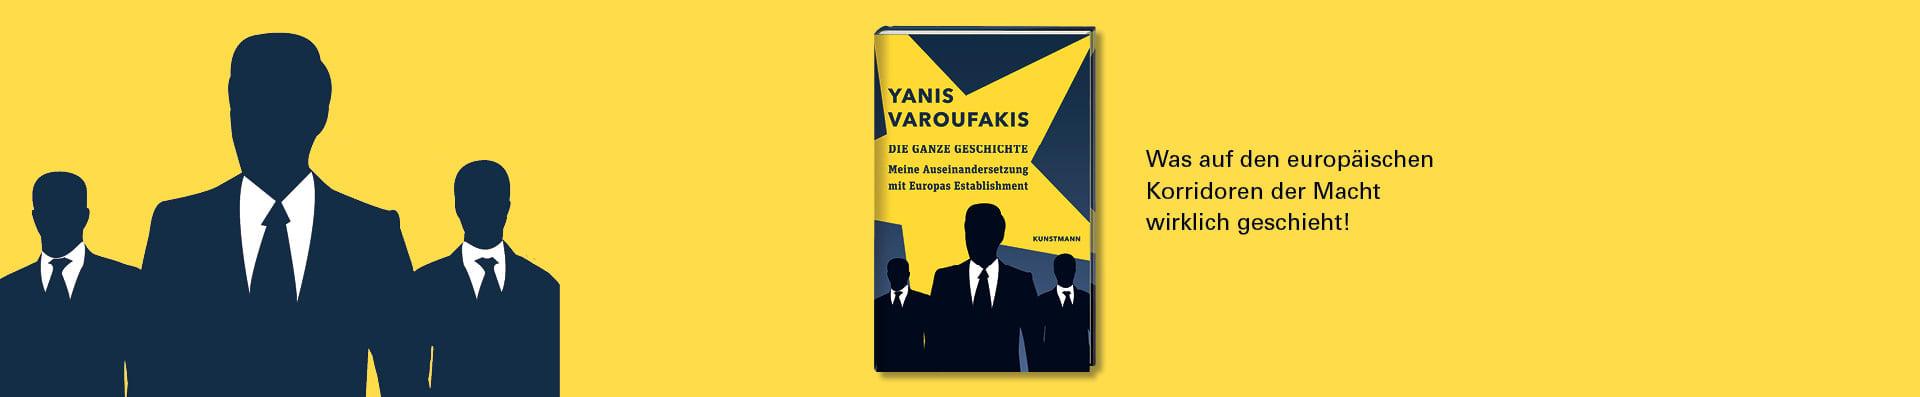 Yanis Varoufakis - Die ganze Geschichte